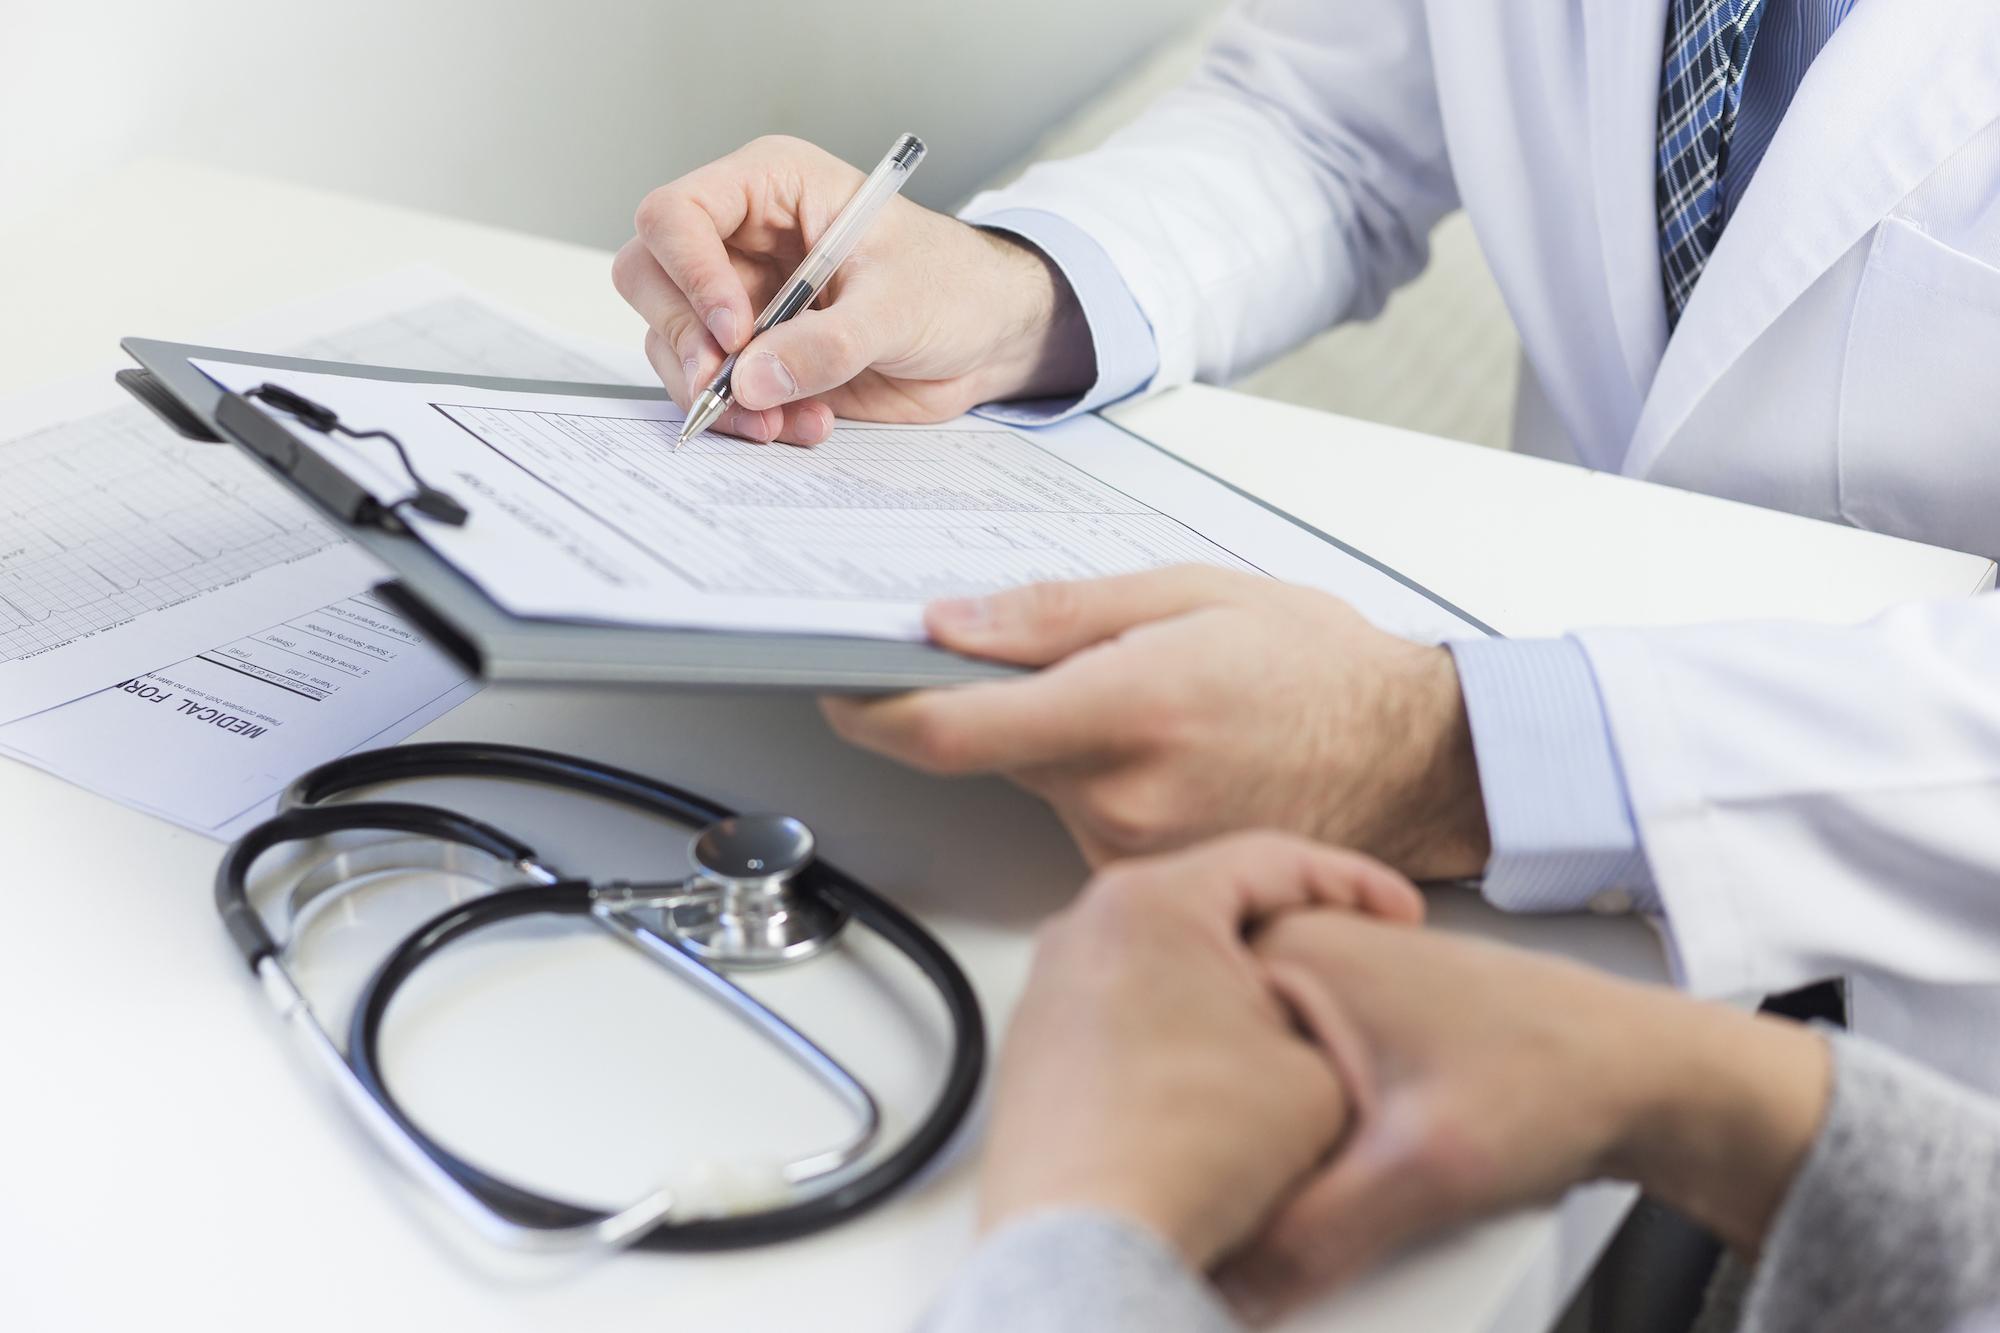 Los diseños de recetas médicas suelen pasar a segundo plano, pero éstos son importantes, dado que funcionan como una tarjeta de presentación del profesional